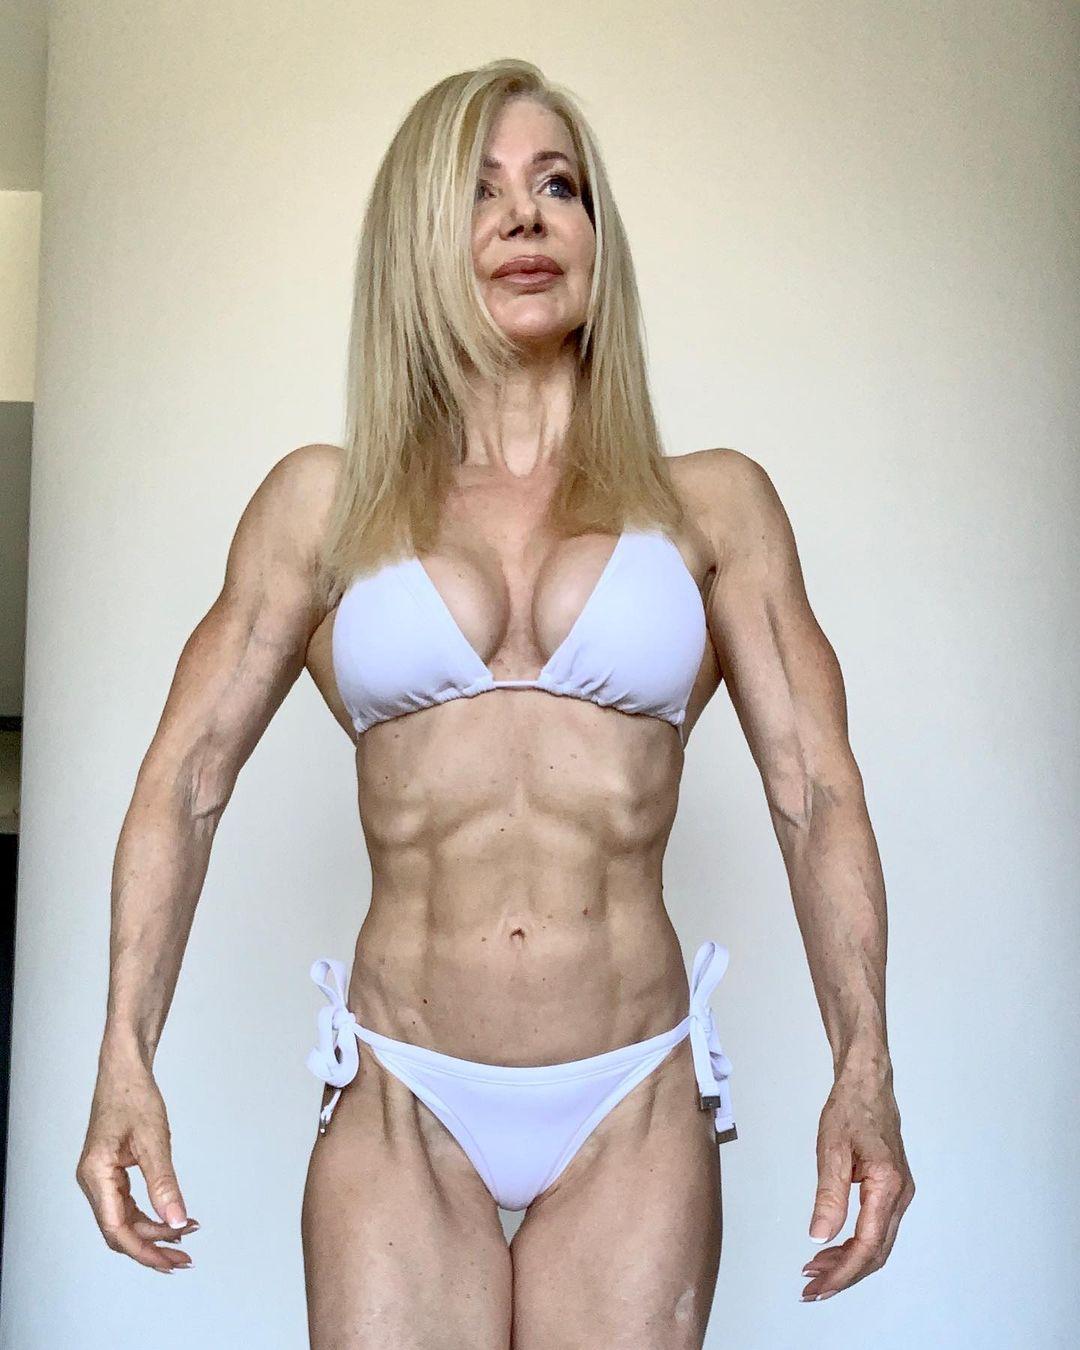 Lesley Maxwell, a estrela fitness de 64 anos que é assediada por homens com idade da neta